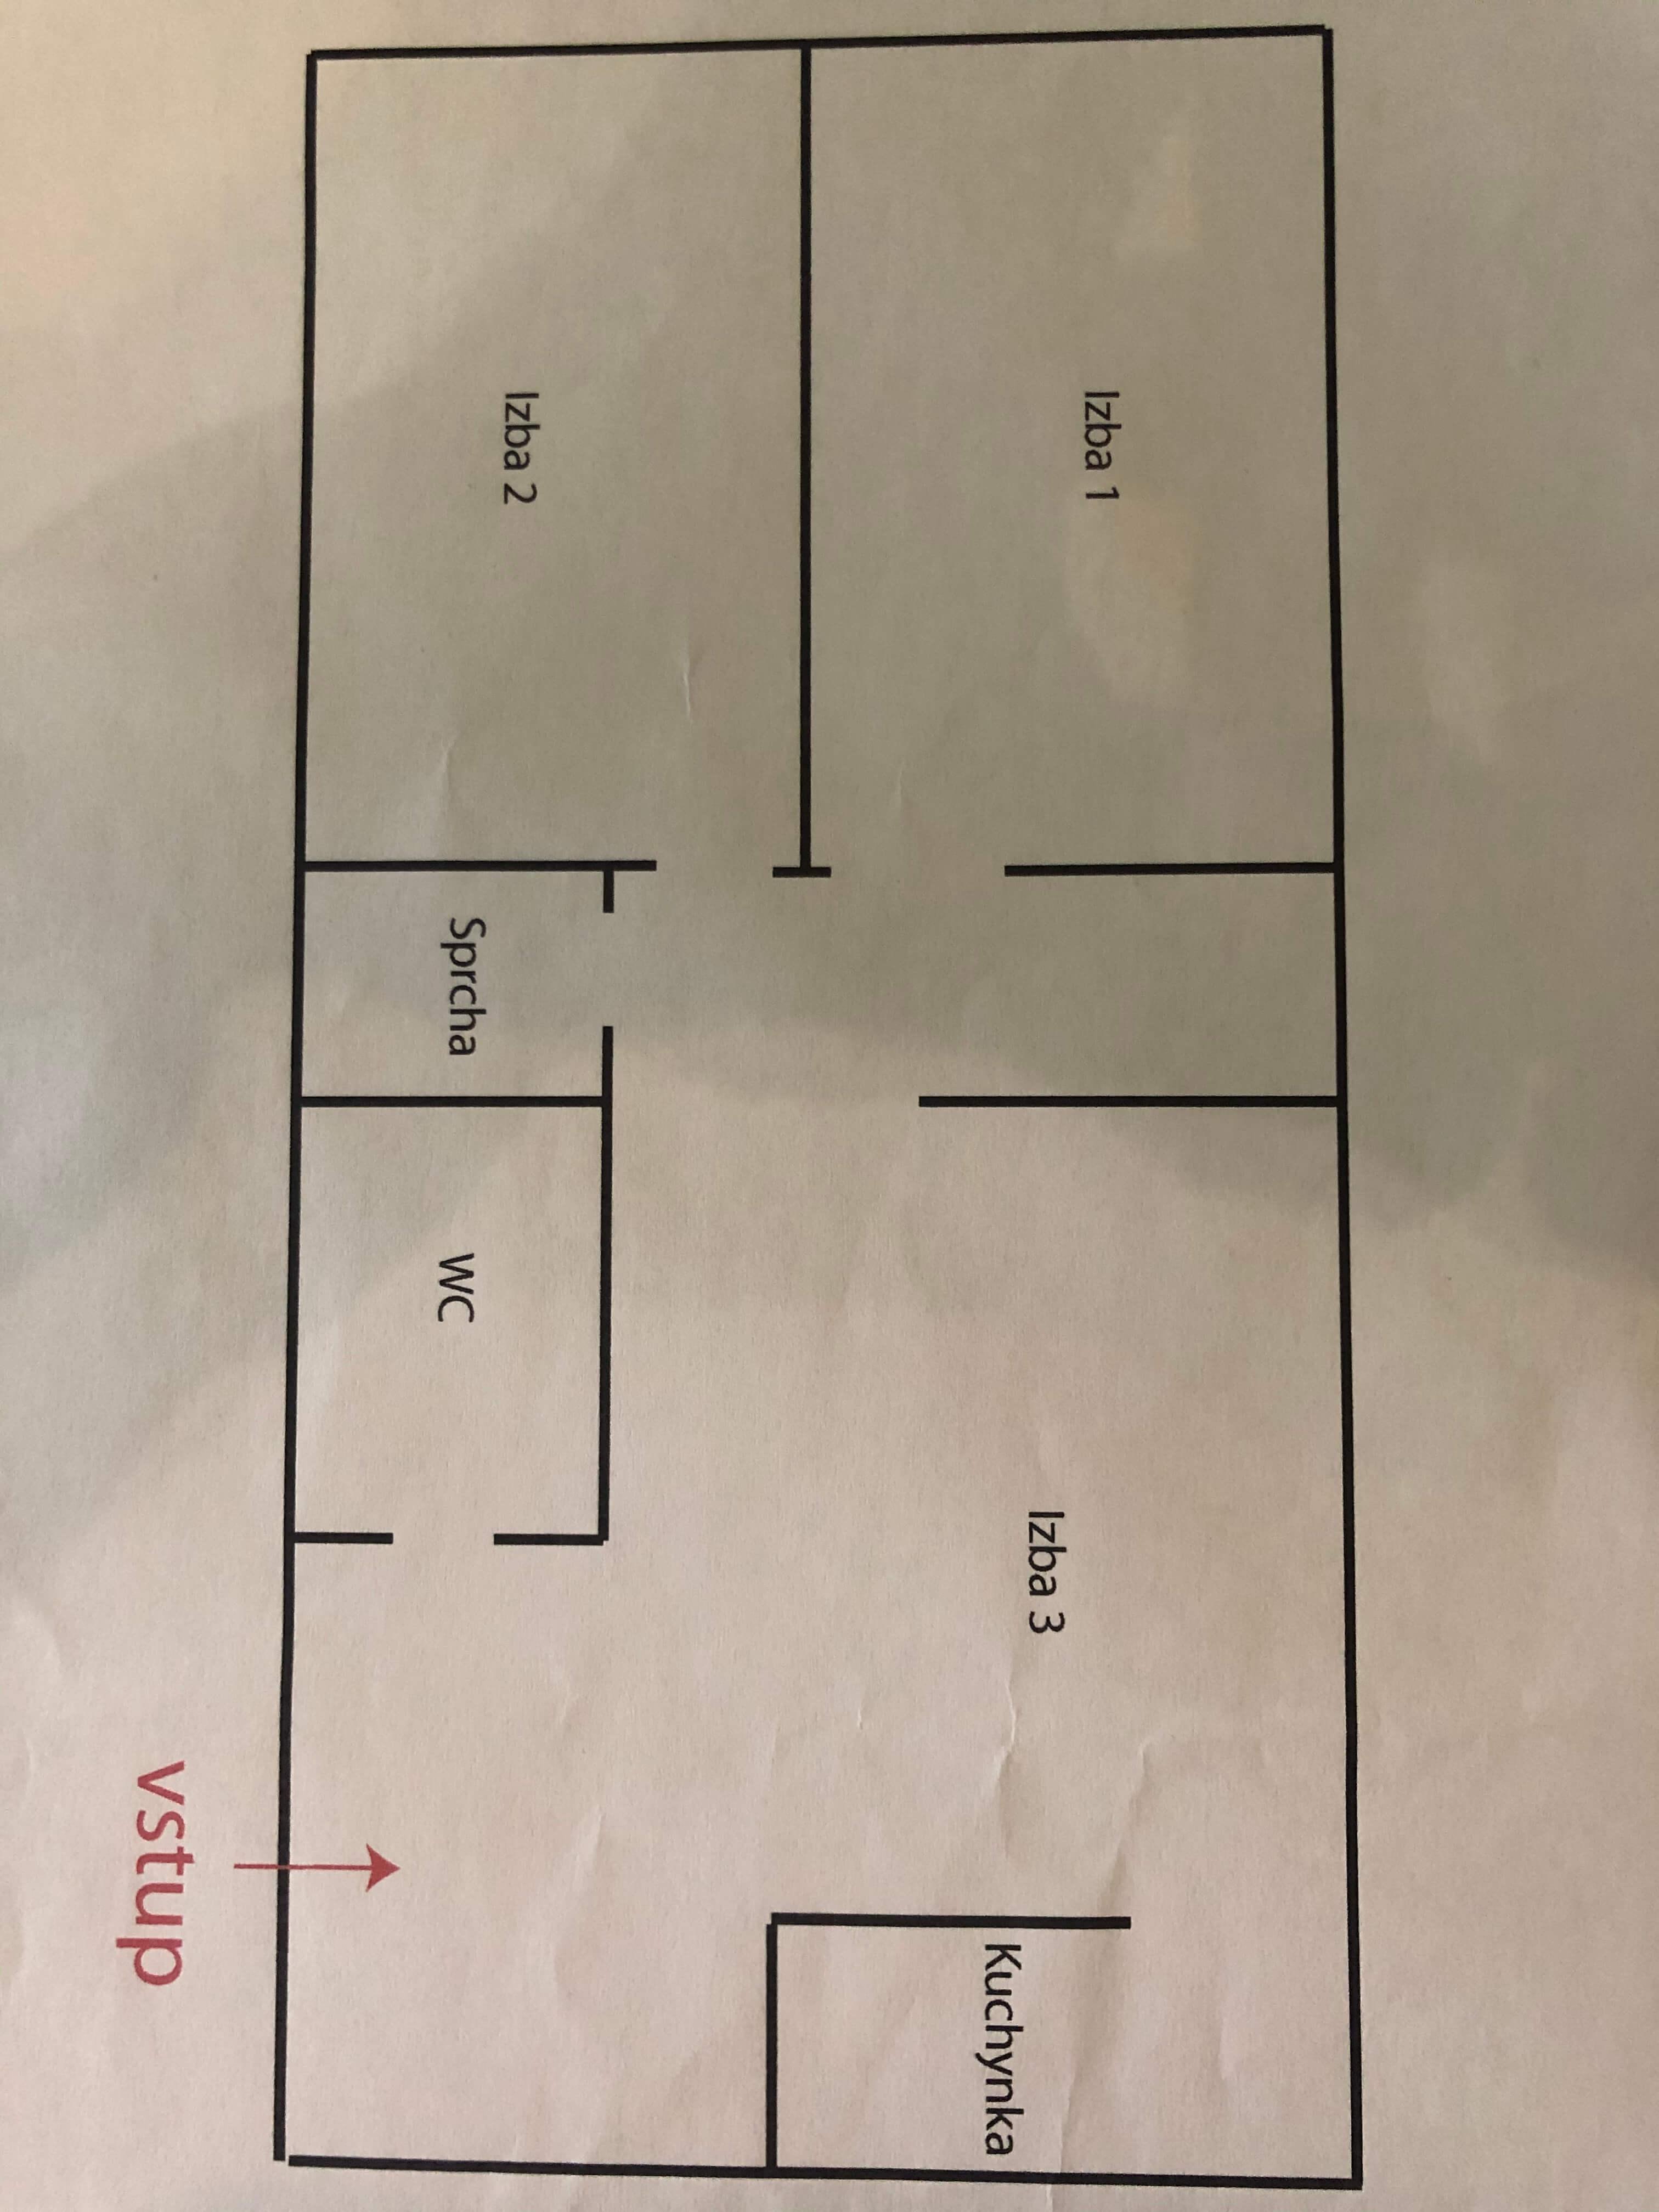 Prenajaté: Na prenájom exkluzívny nebytový priestor, kancelárie, 3 izby, 35m2, v Centre BA, Gorkeho 1,-2